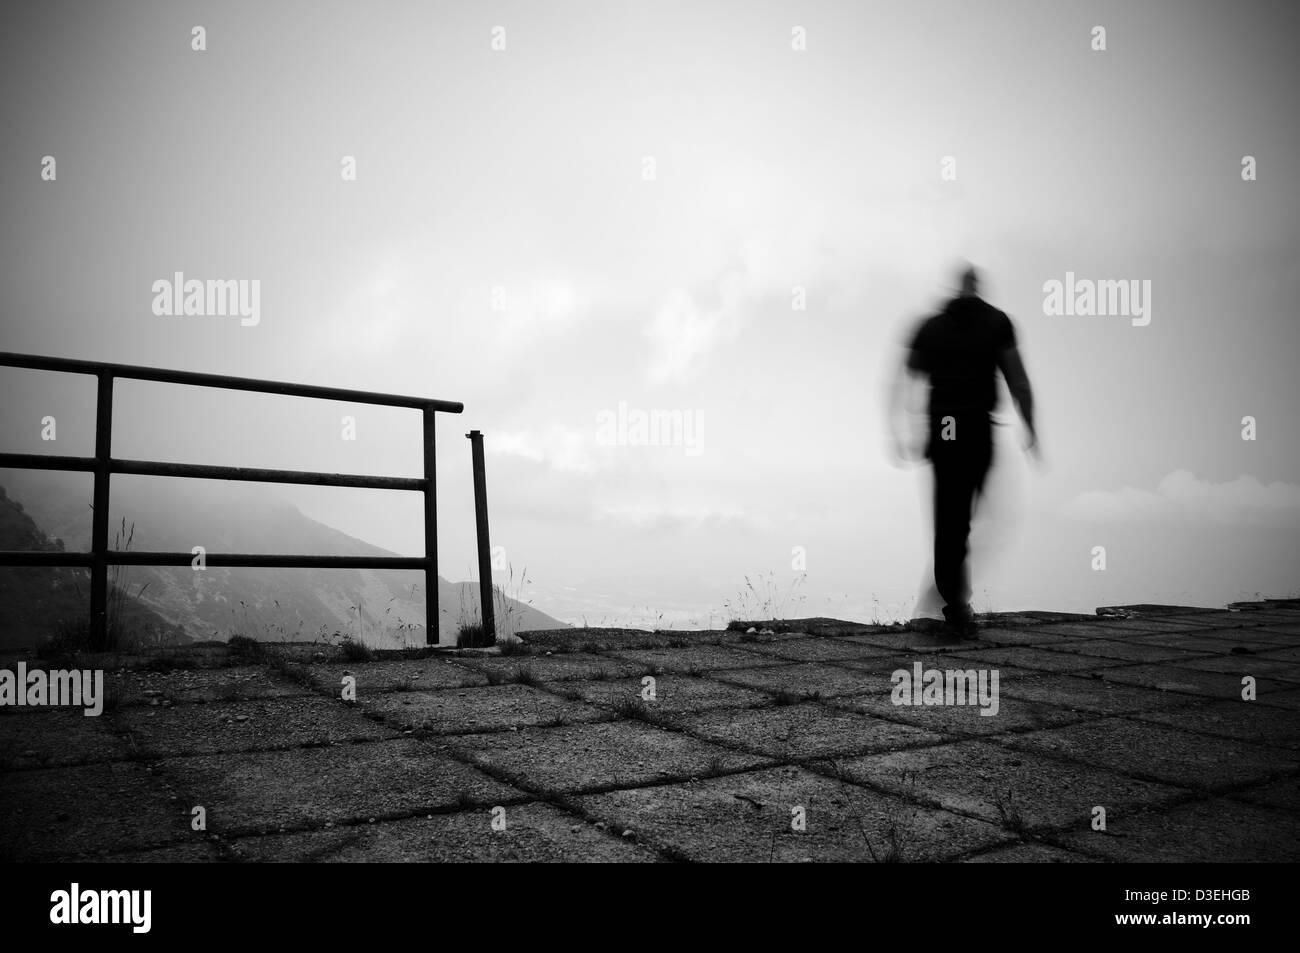 Hombre saltando al vacío Imagen De Stock